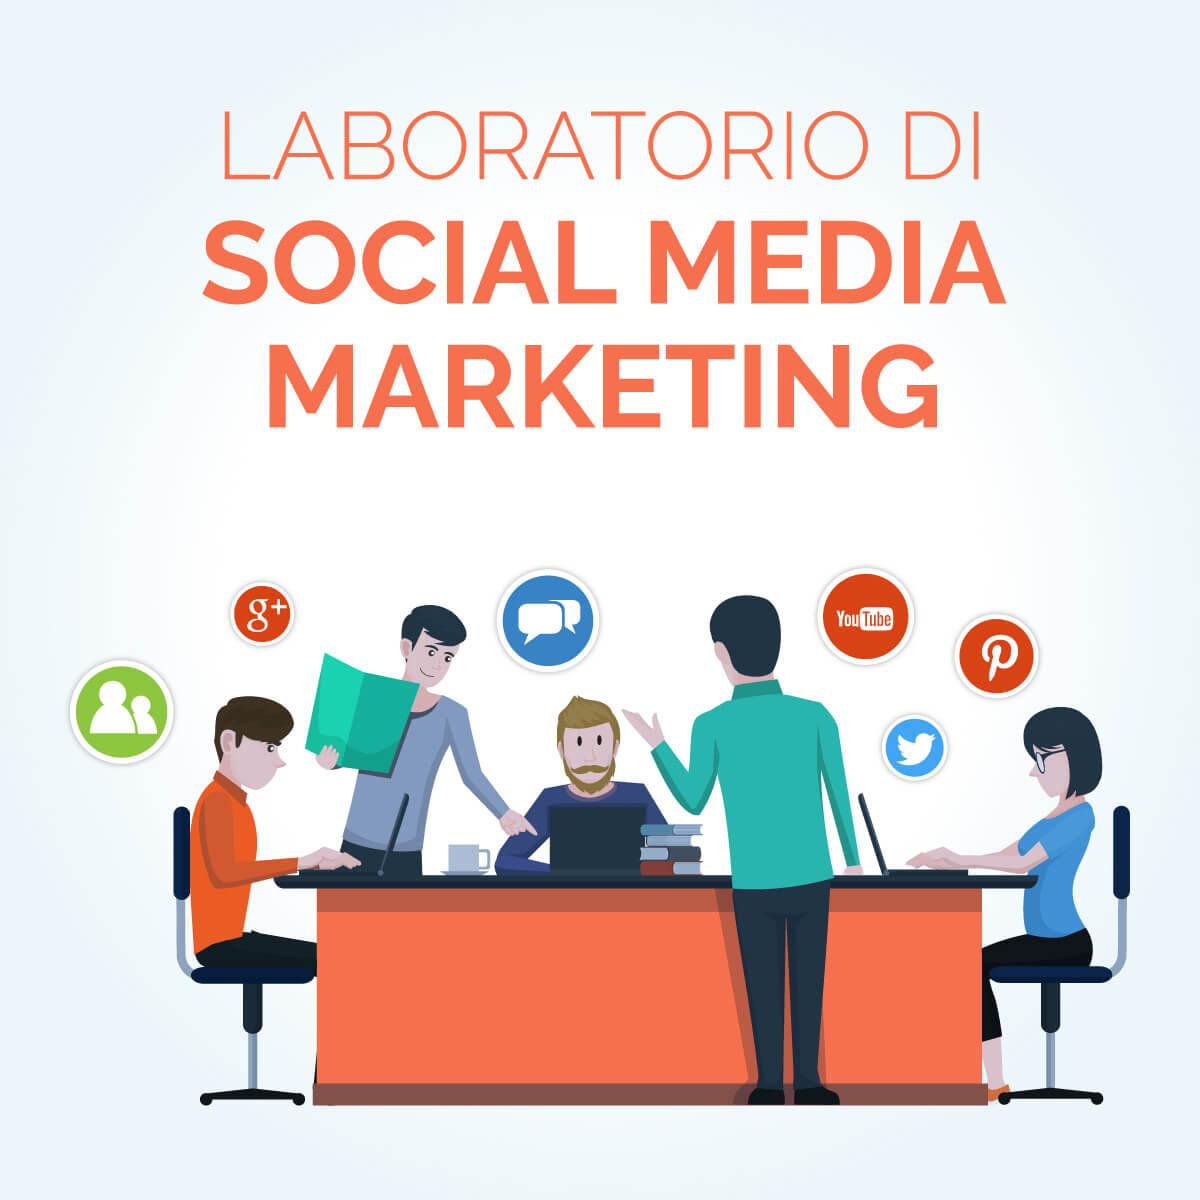 laboratorio-di-mocial-media-marketing